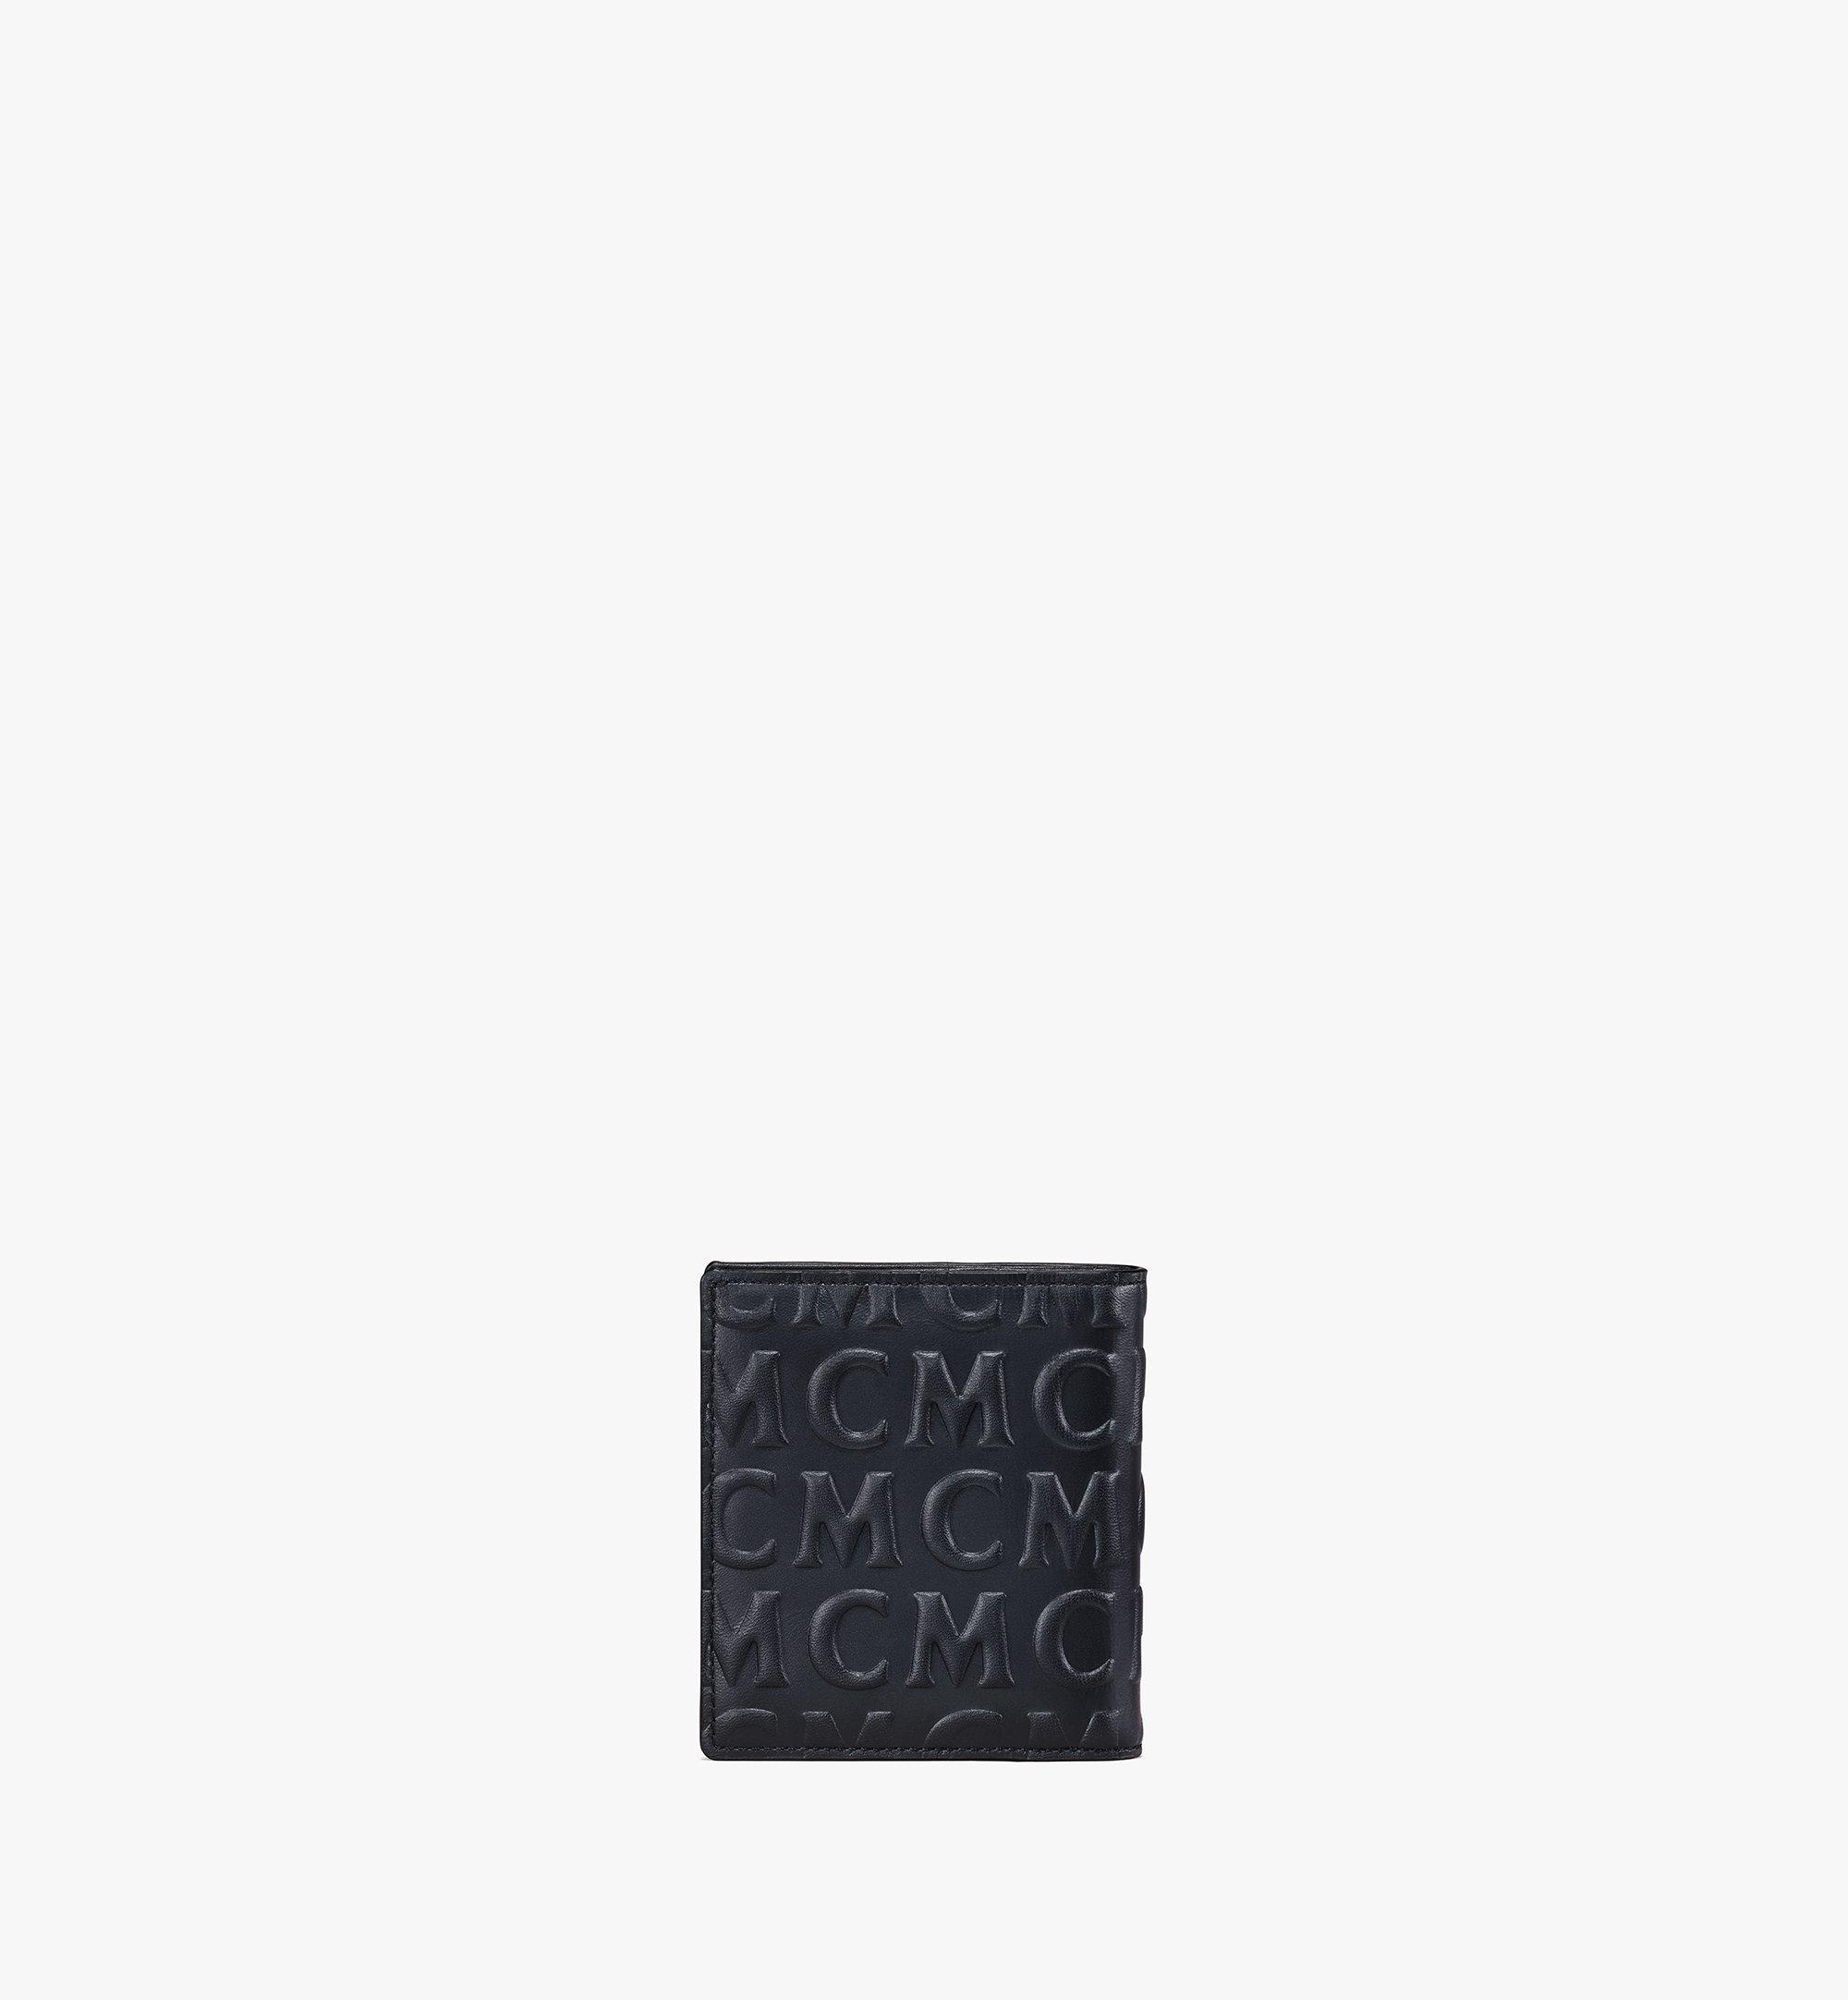 MCM Gefaltete Lederbrieftasche mit MCM-Monogramm Black MXSAAMD02BK001 Noch mehr sehen 2